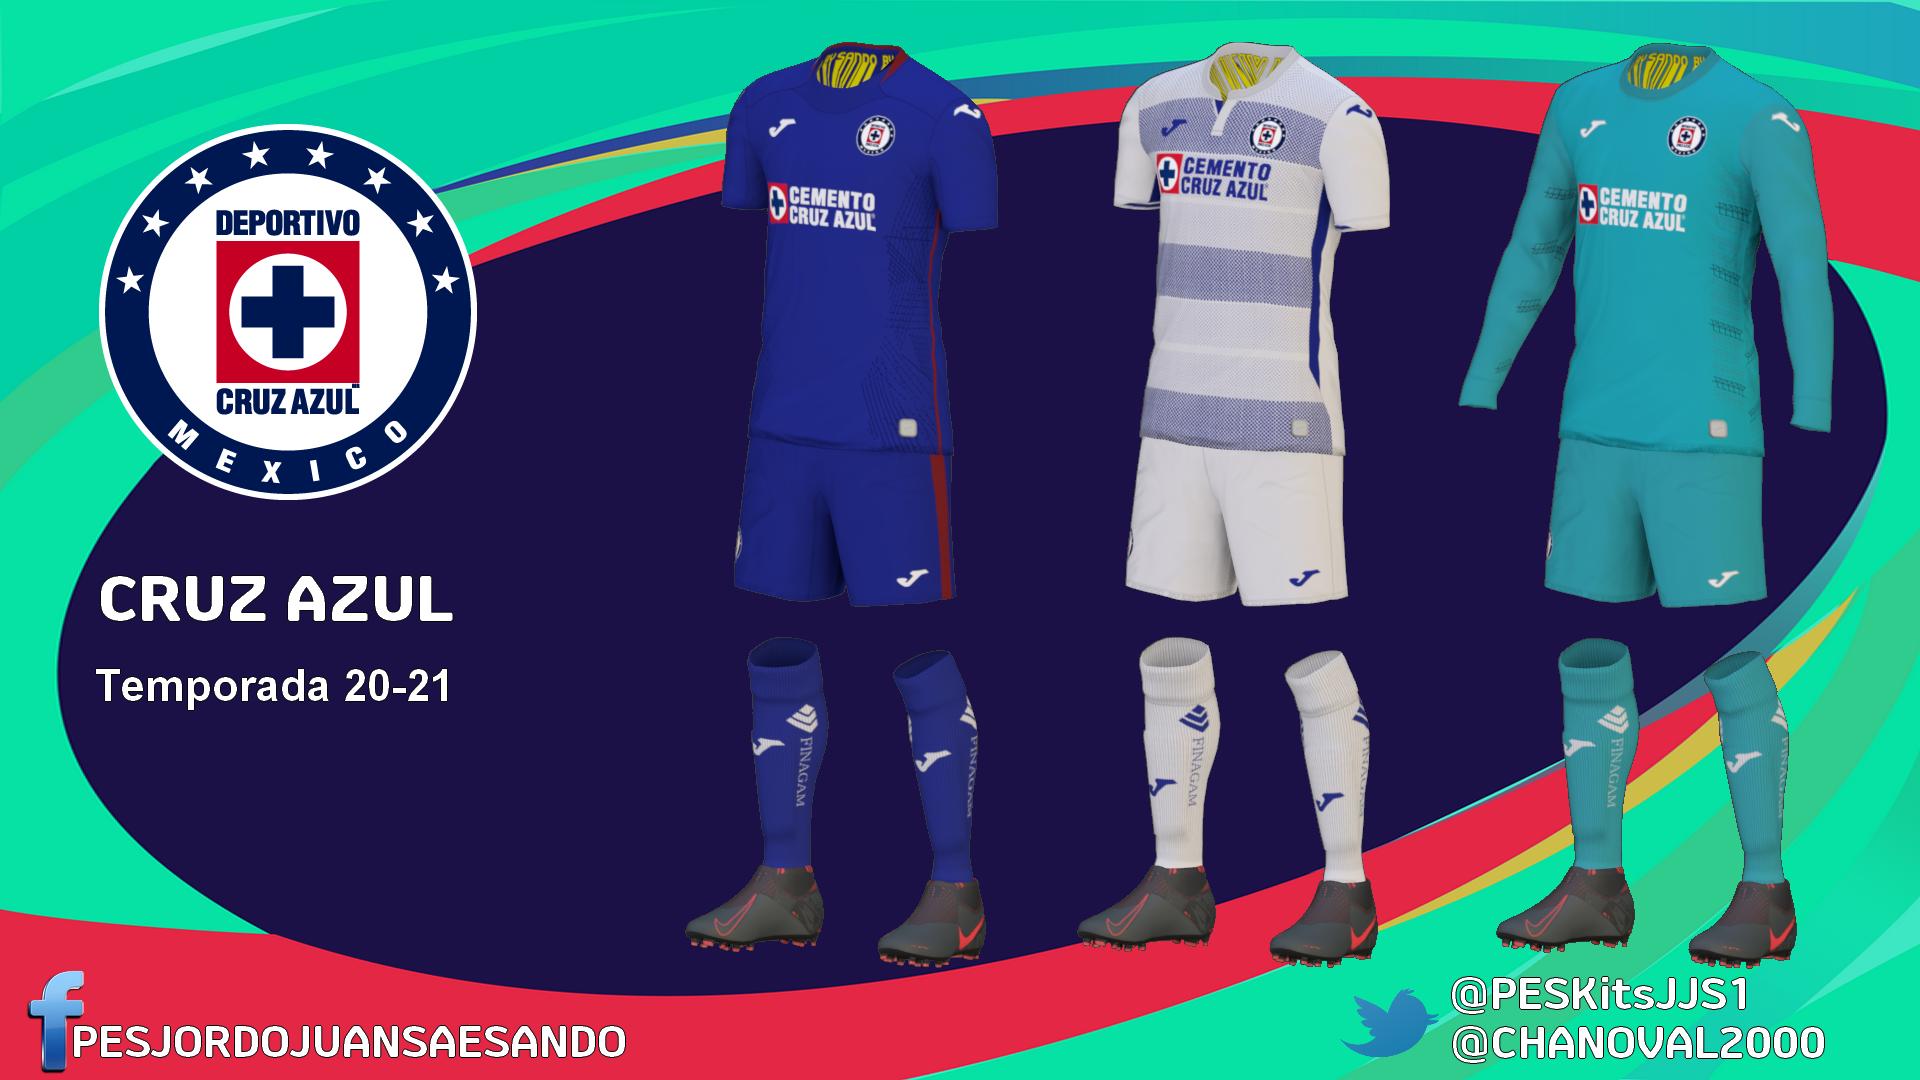 Kits Cruz Azul 2020/2021 by Sando